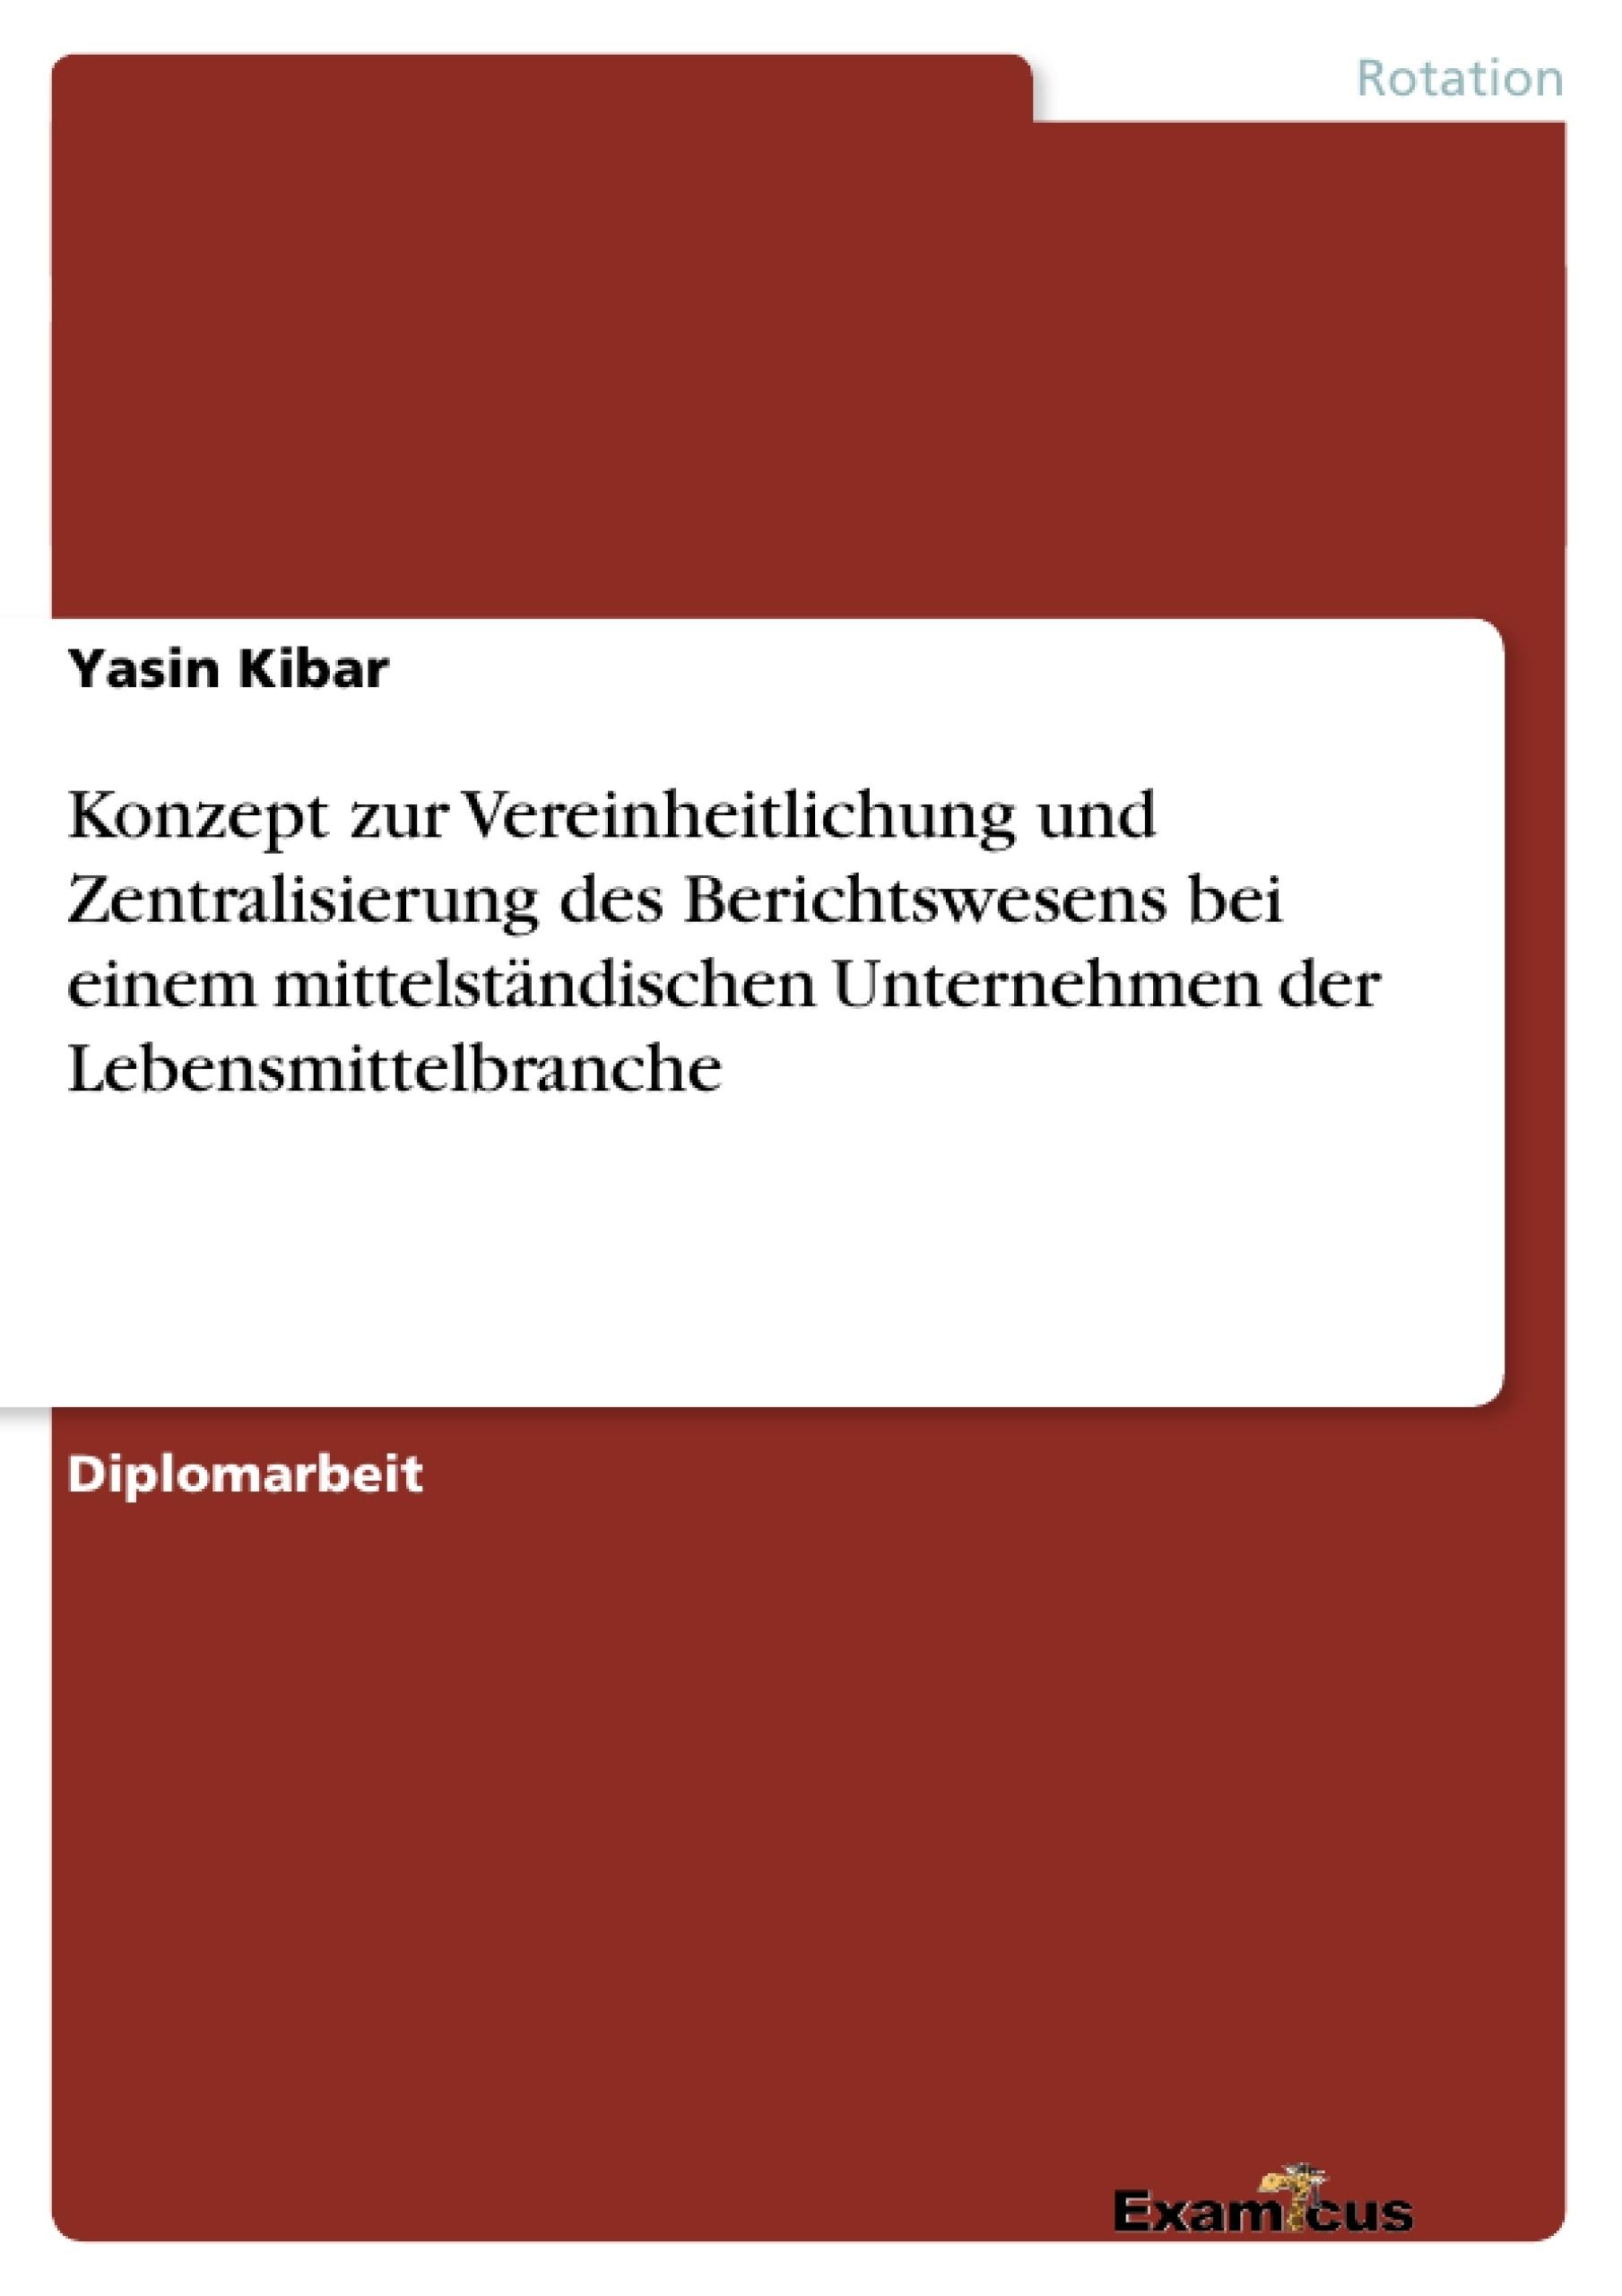 Titel: Konzept zur Vereinheitlichung und Zentralisierung des Berichtswesens bei einem mittelständischen Unternehmen der Lebensmittelbranche